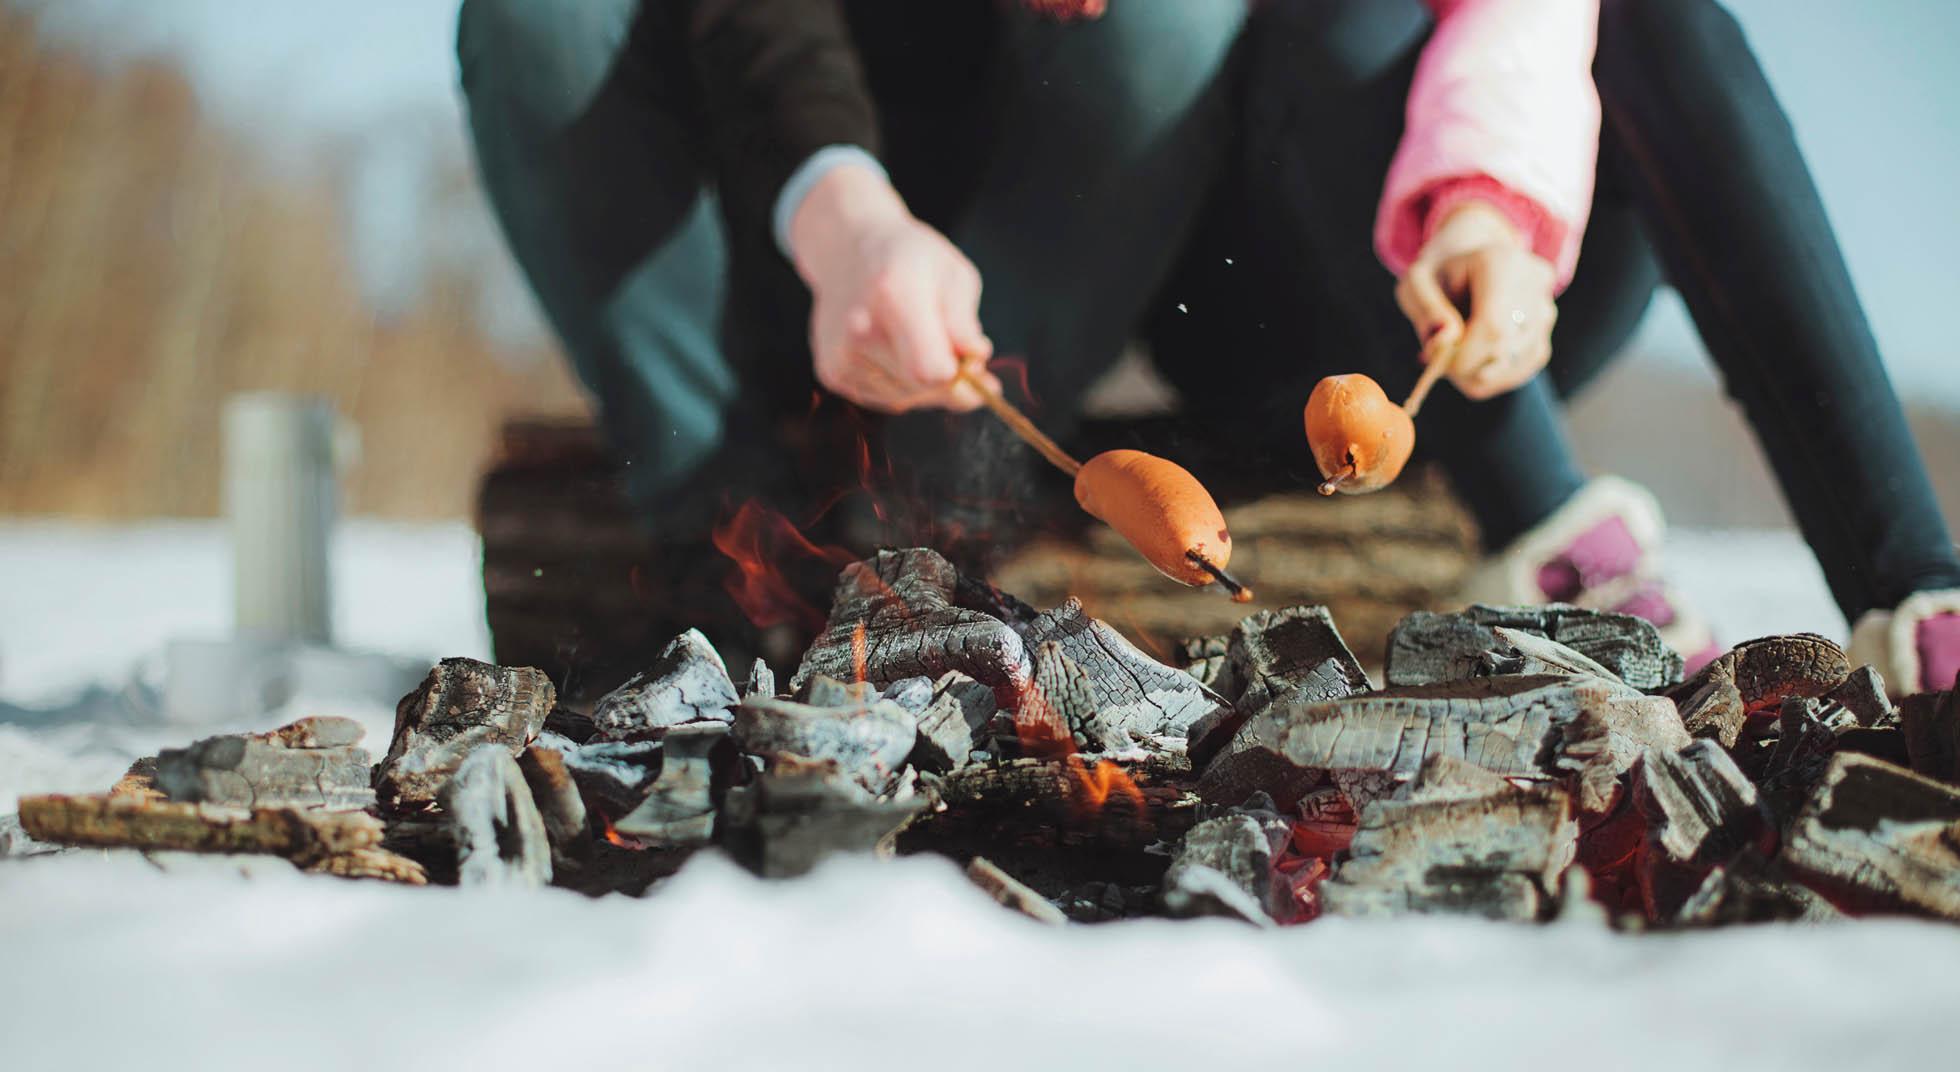 Grigliata In Inverno Come Fare Aia Food